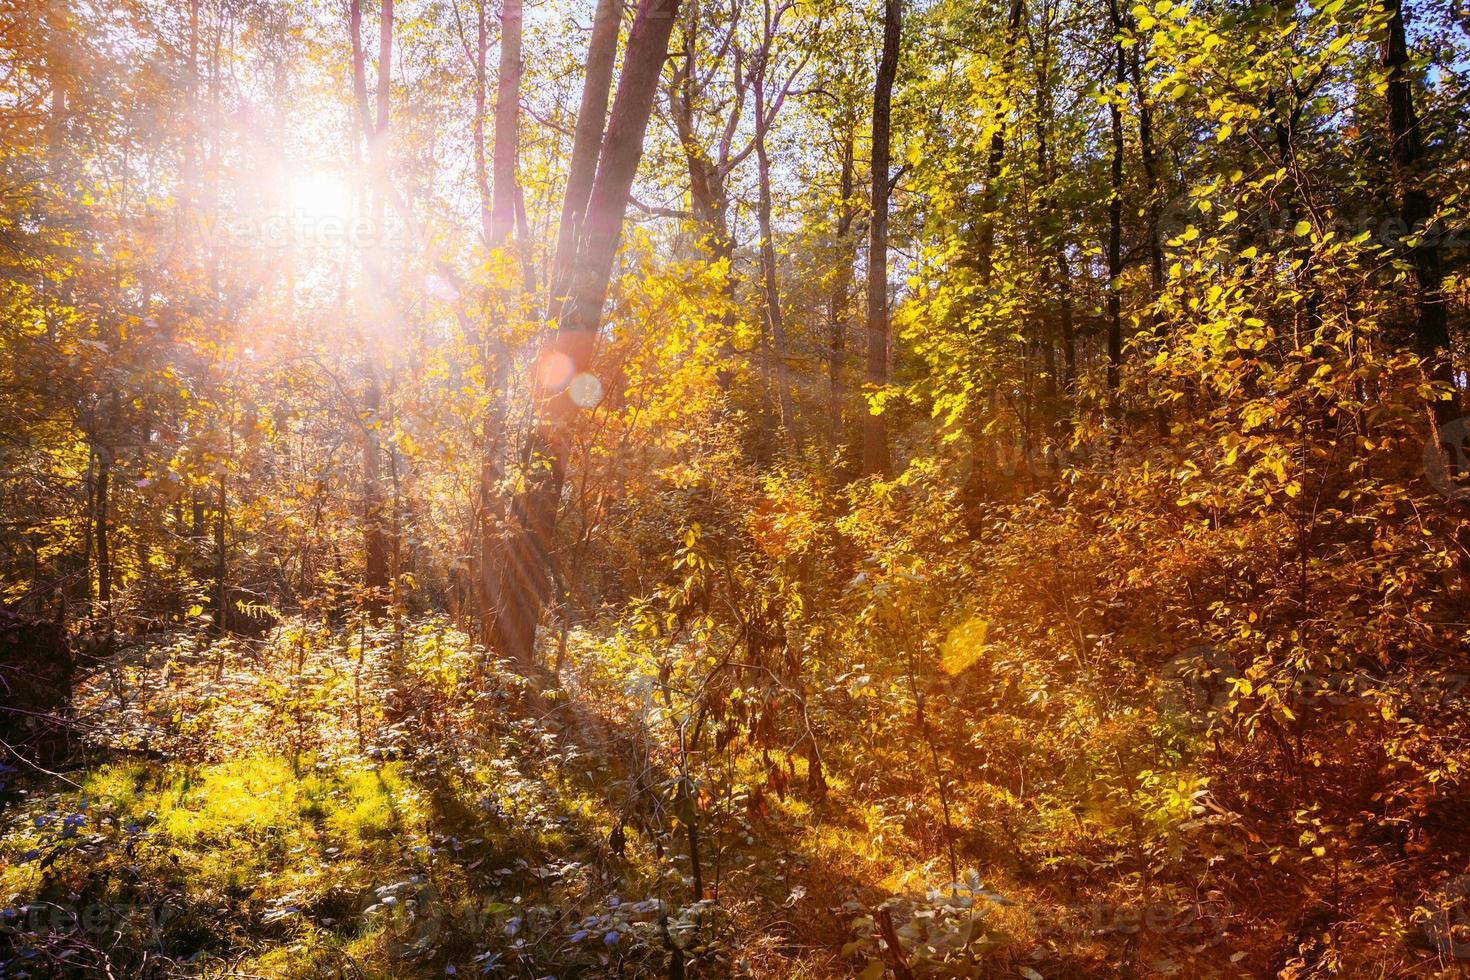 dia de sol no outono ensolarado floresta árvores. natureza madeiras, luz solar foto